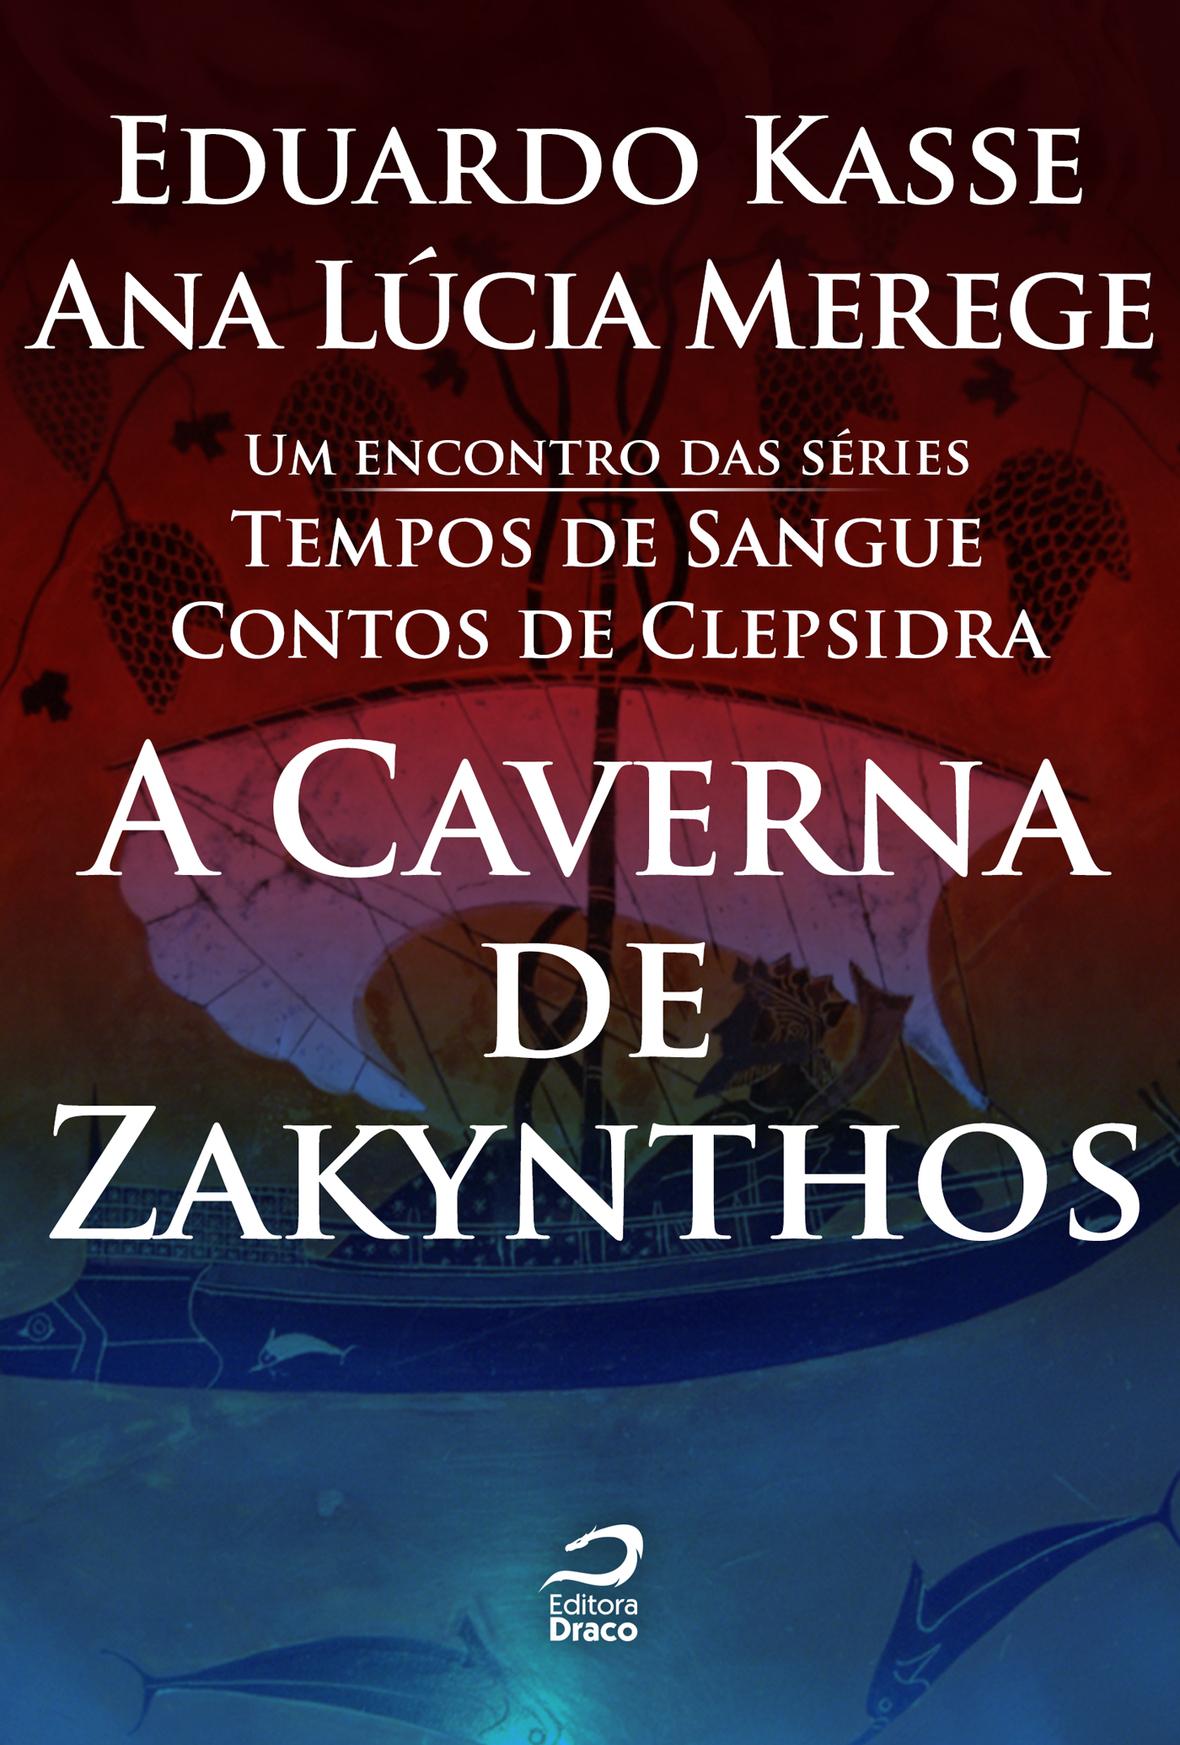 capas-cdd-tds-cavernazaky